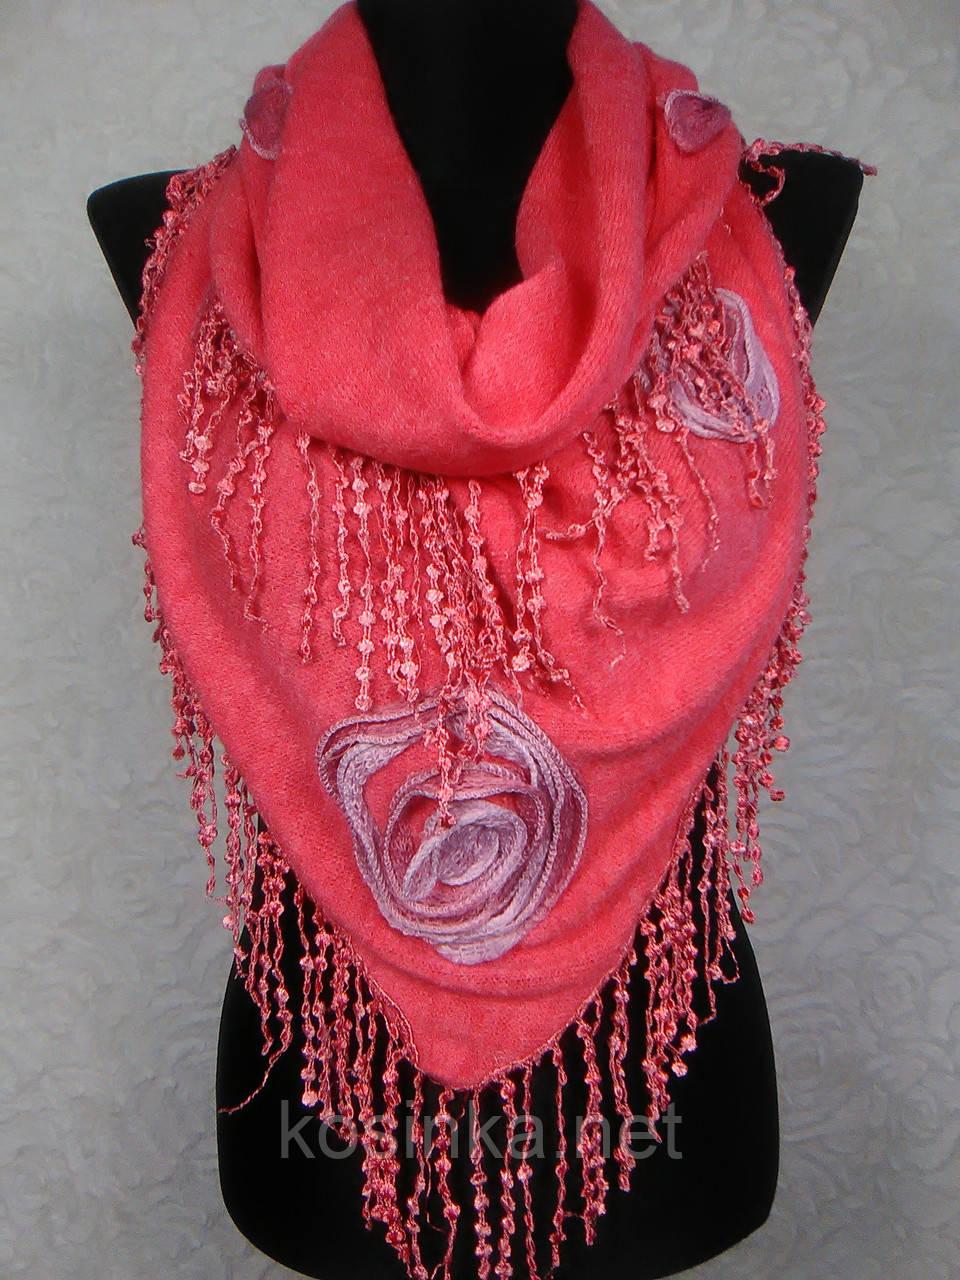 Модная женская теплая косынка «Ракушка» кораллового цвета с цветами из ткани и бахромой - Kosinka.net